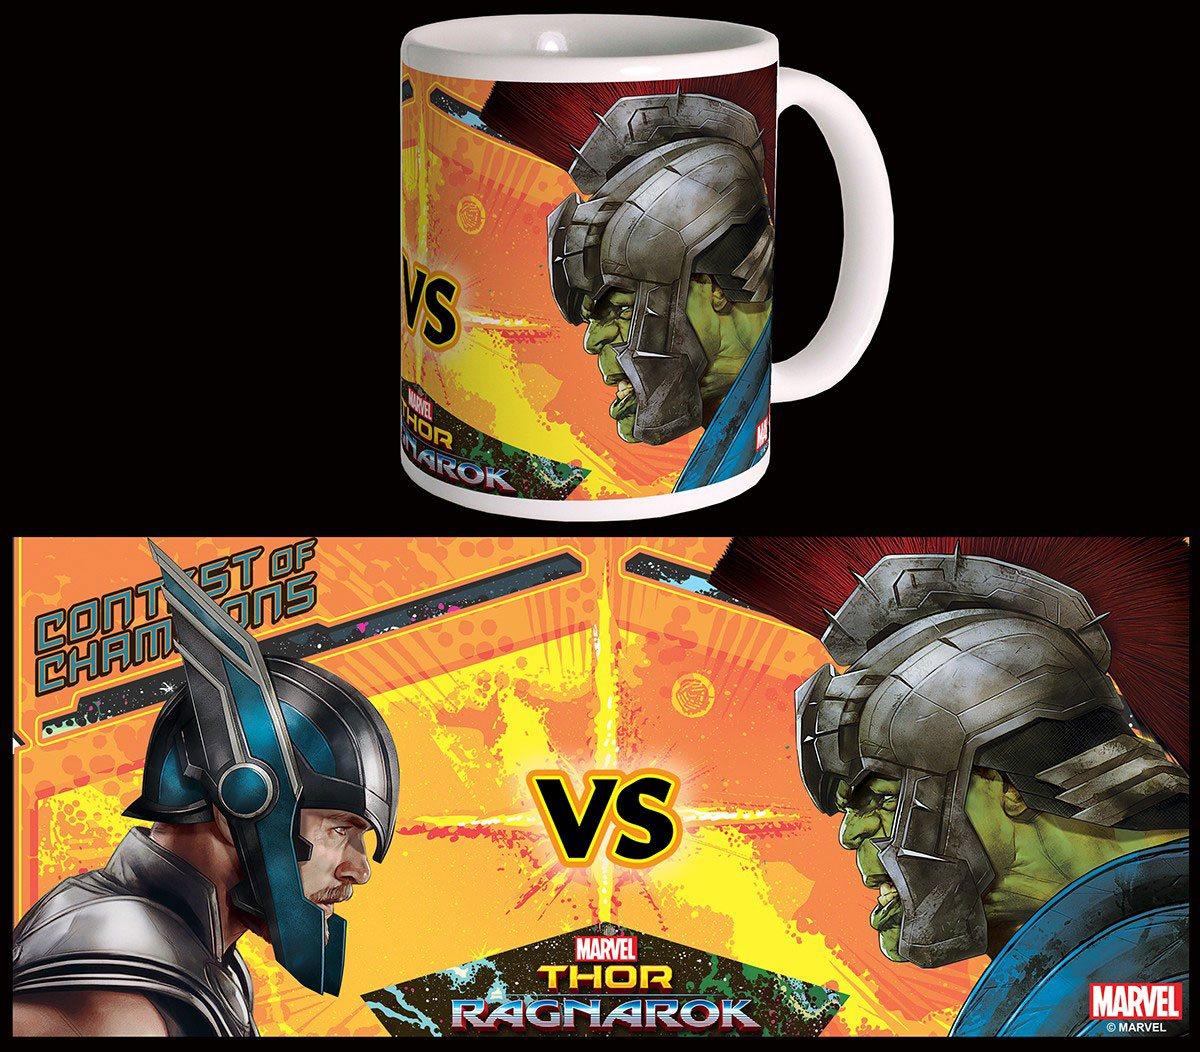 Thor Ragnarok Mug Versus